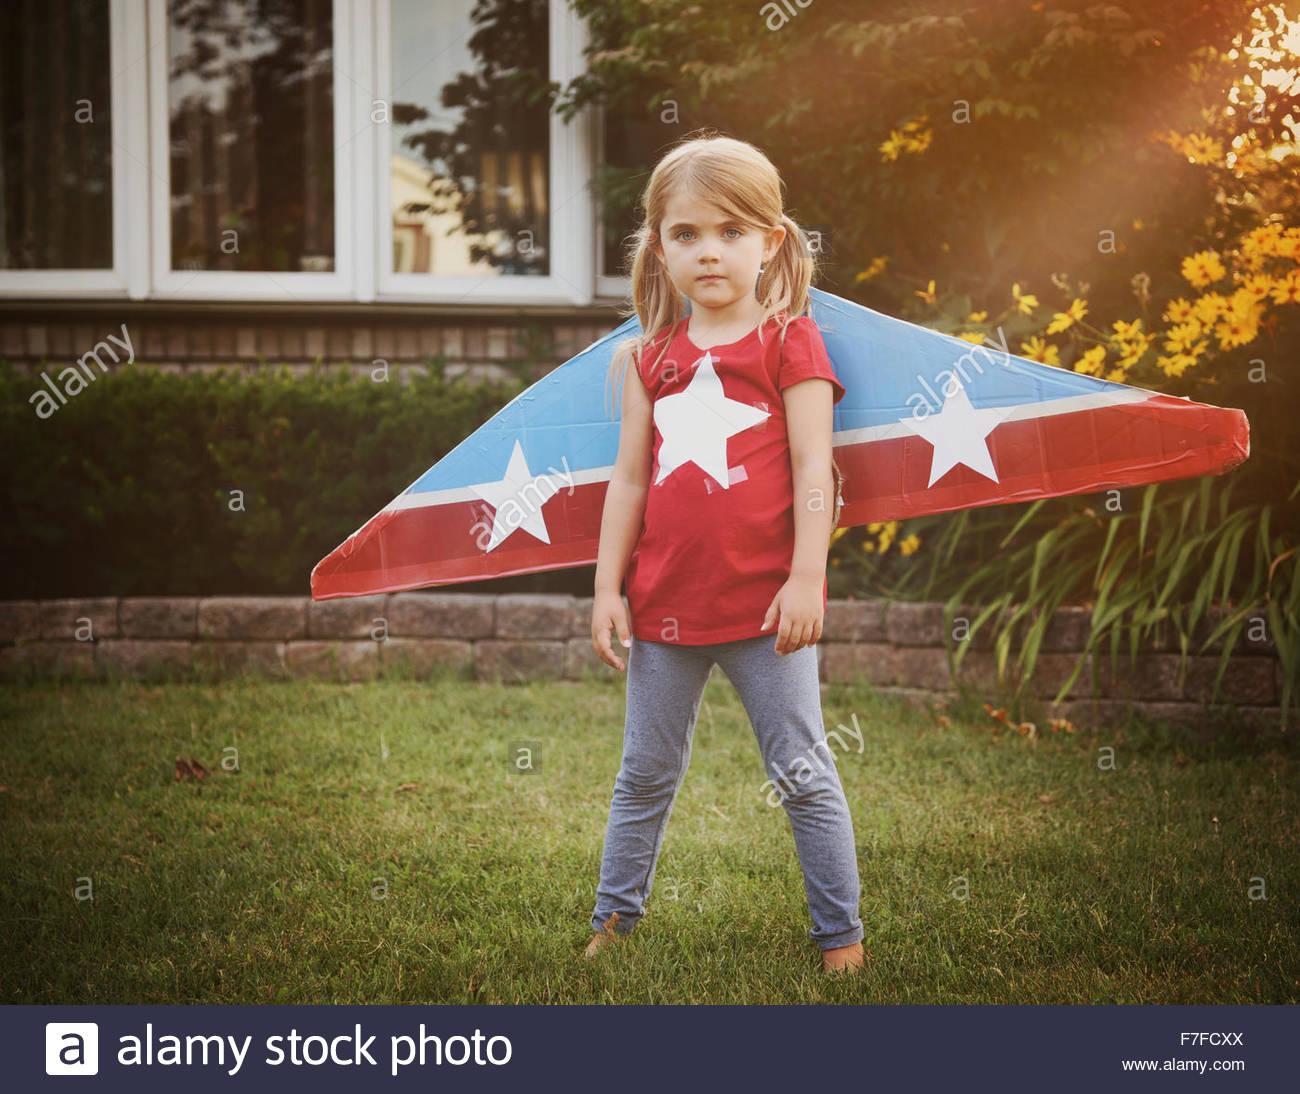 Ein kleines Kind trägt hausgemachten Karton fliegenden Flügel mit Sternen drauf, die vorgibt, ein Pilotprojekt Stockbild